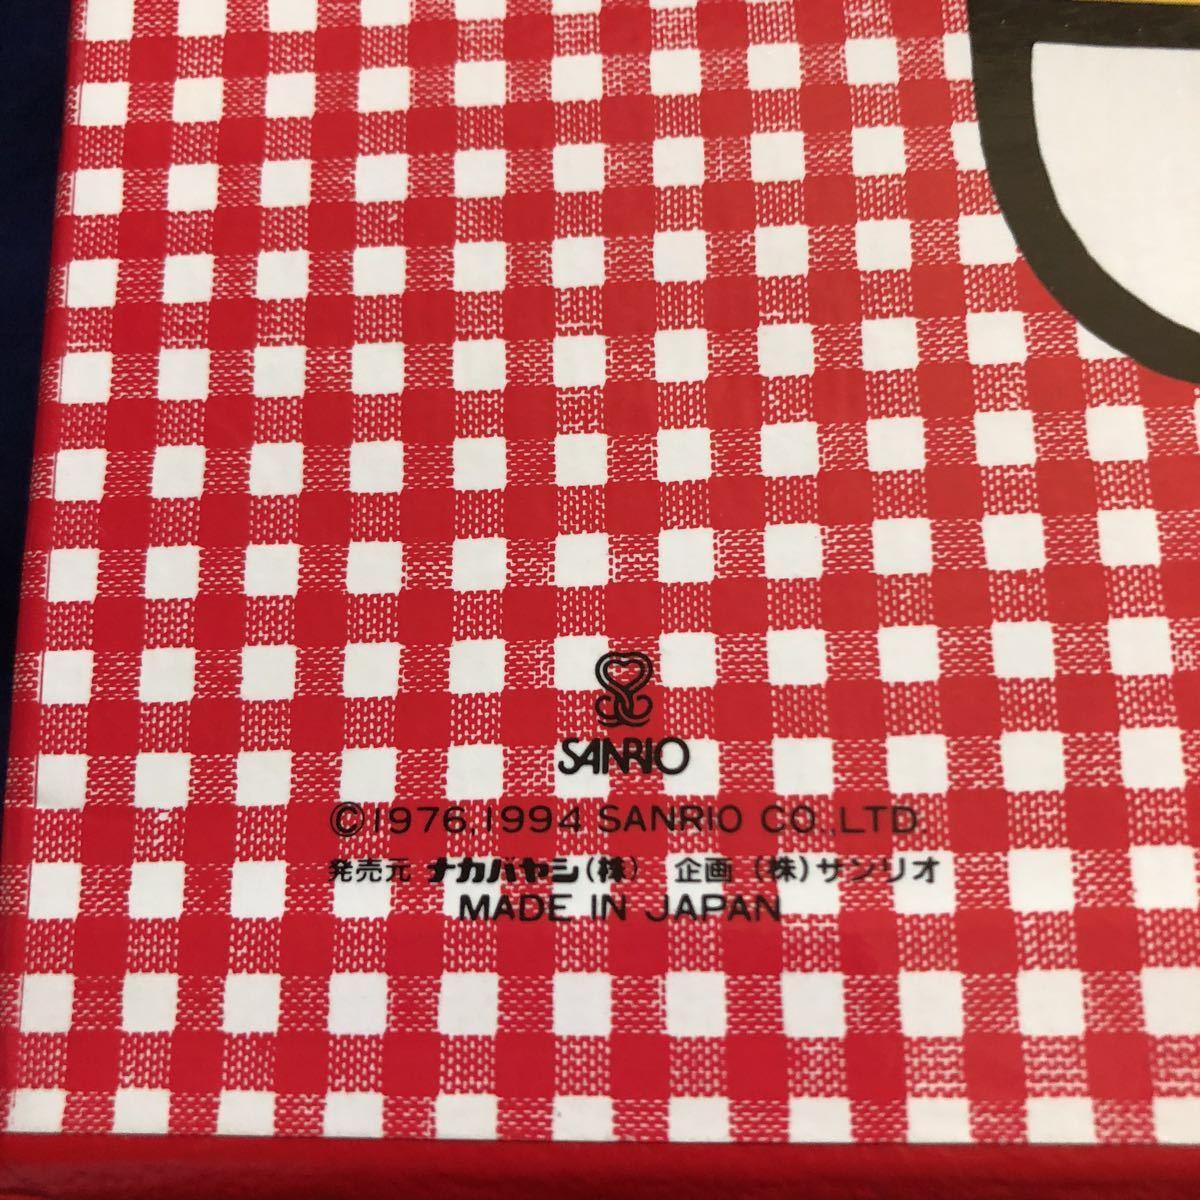 *レトロ*激レア希少品 サンリオ1994年製 ハローキティ ナカバヤシ アルバム4冊入り 当時物 開封済み未使用品_画像3